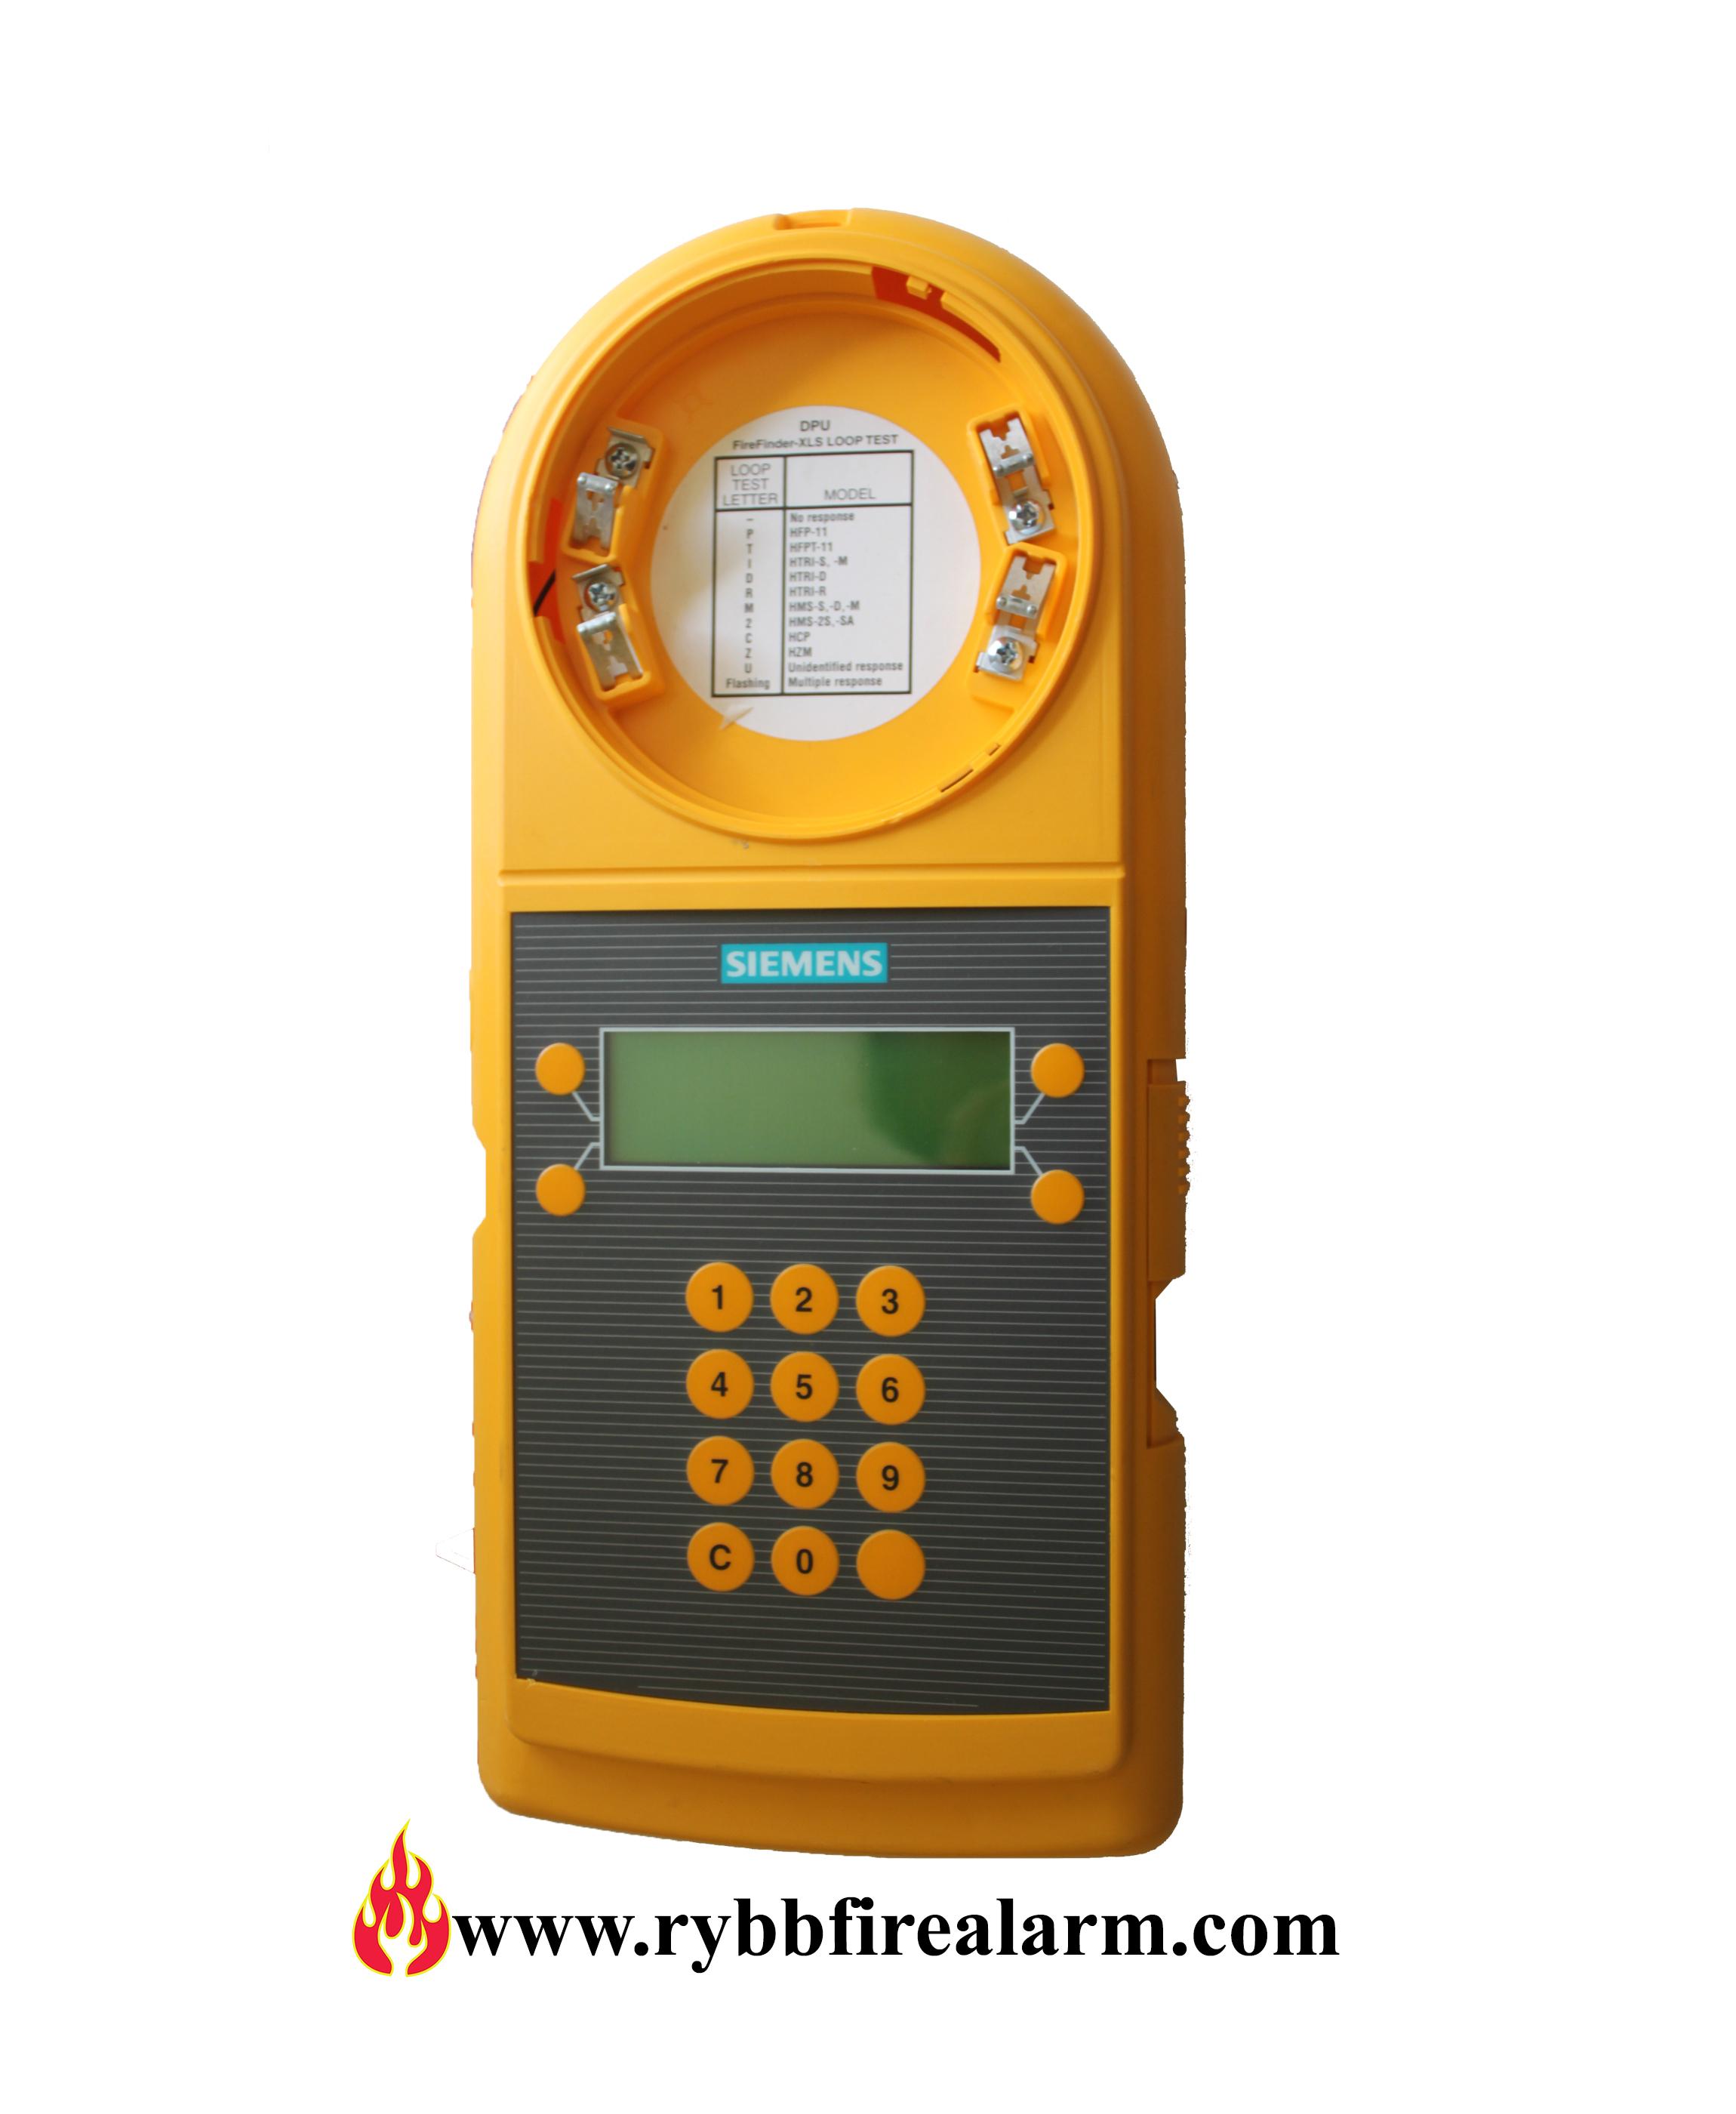 Siemens Dpu Fire Alarm Device Programming Unit Rybb Fire